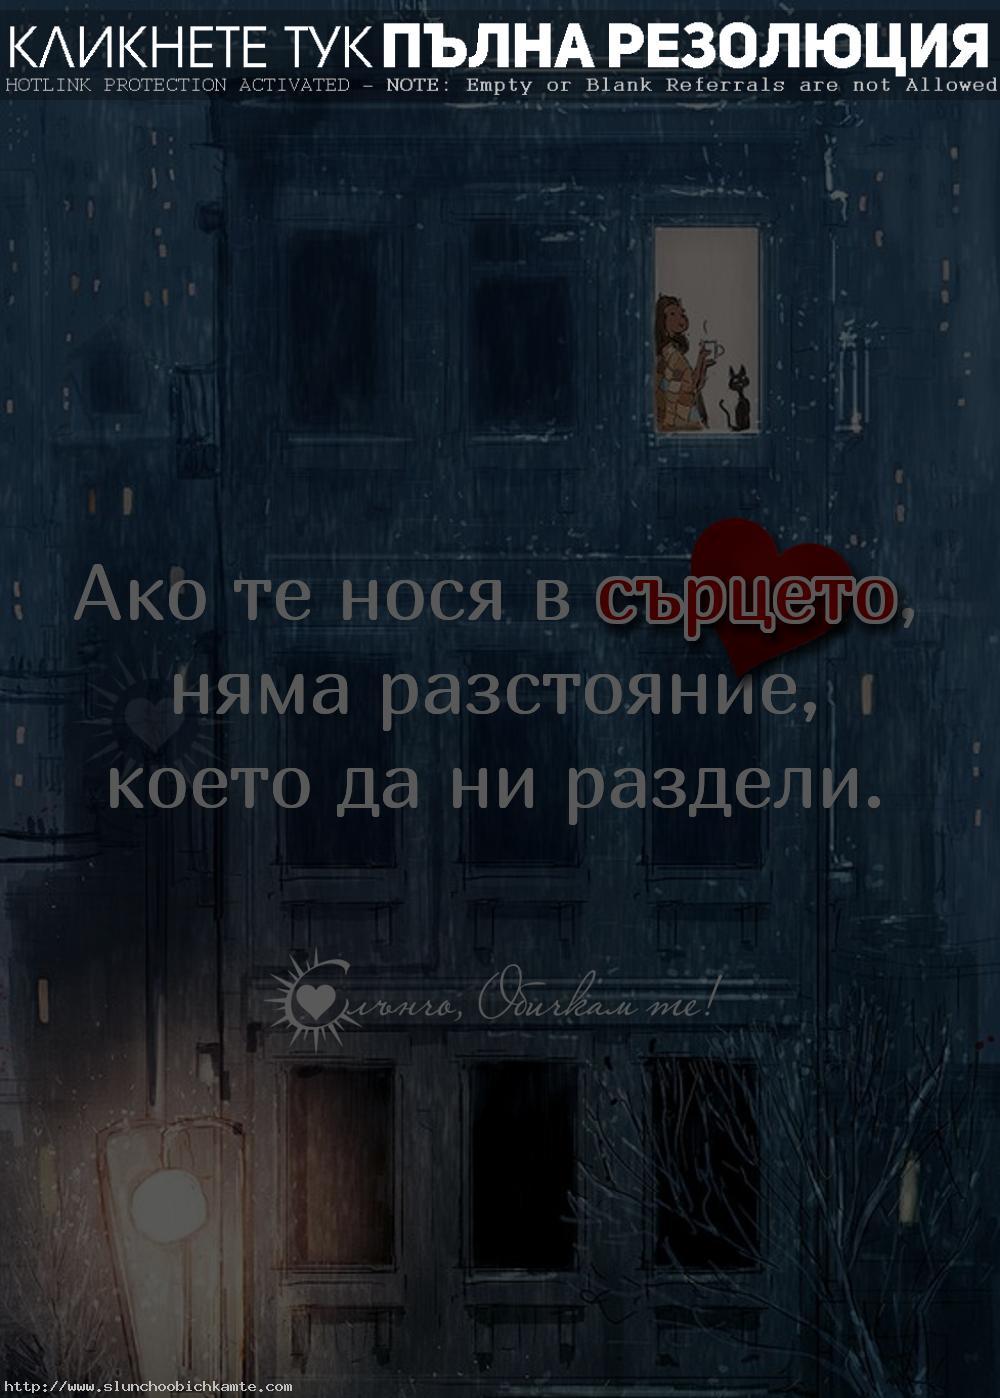 Ако те нося в сърцето, няма разстояние, което да ни раздели - Любов от разстояние, любовни мисли, любовни фрази, любовни цитати, любовни статуси, връзка от разстояние